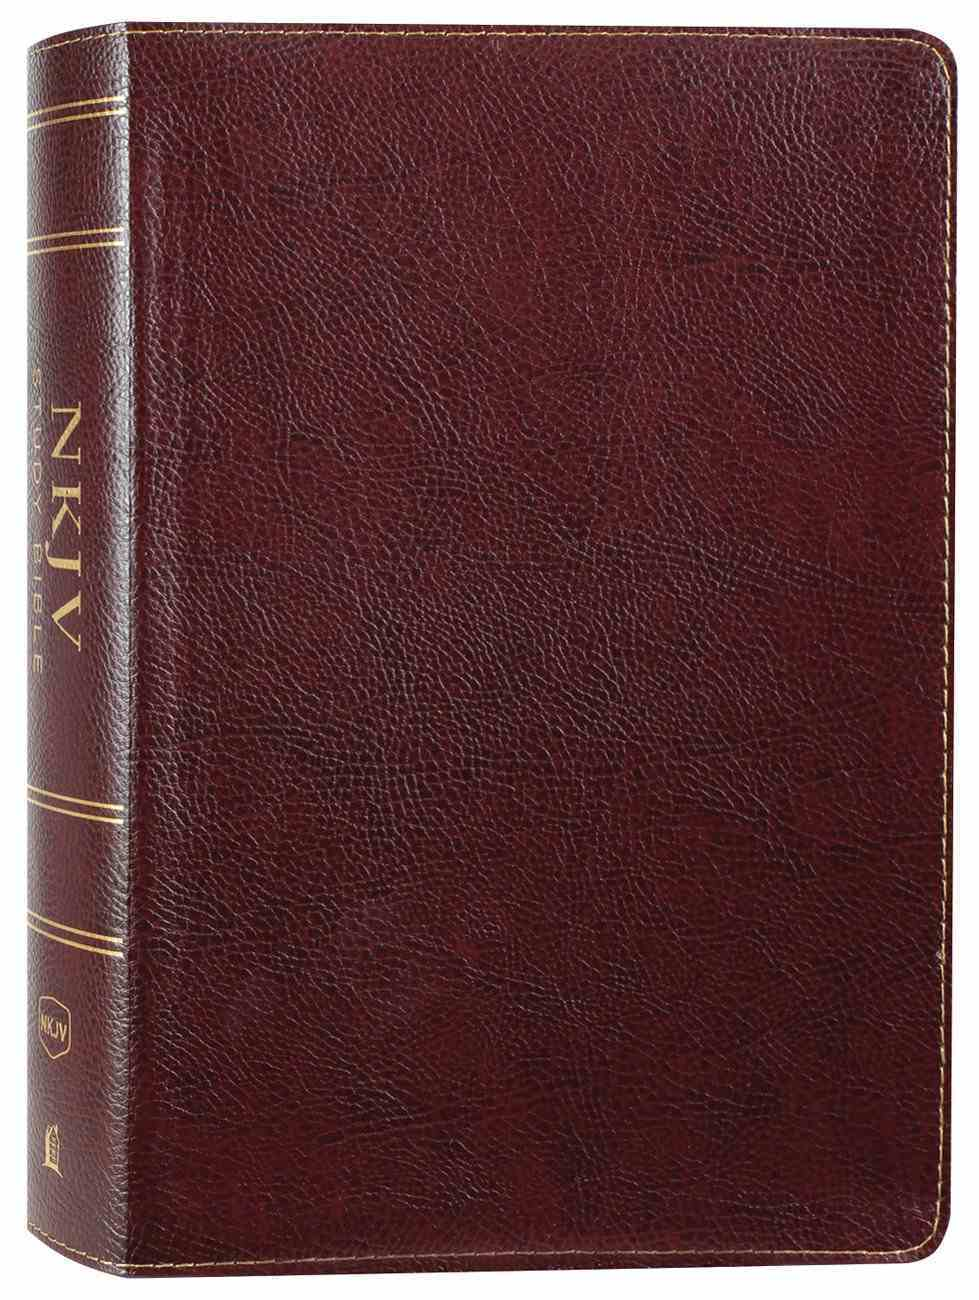 NKJV Study Bible Burgundy Full-Color (Black Letter Edition) Bonded Leather